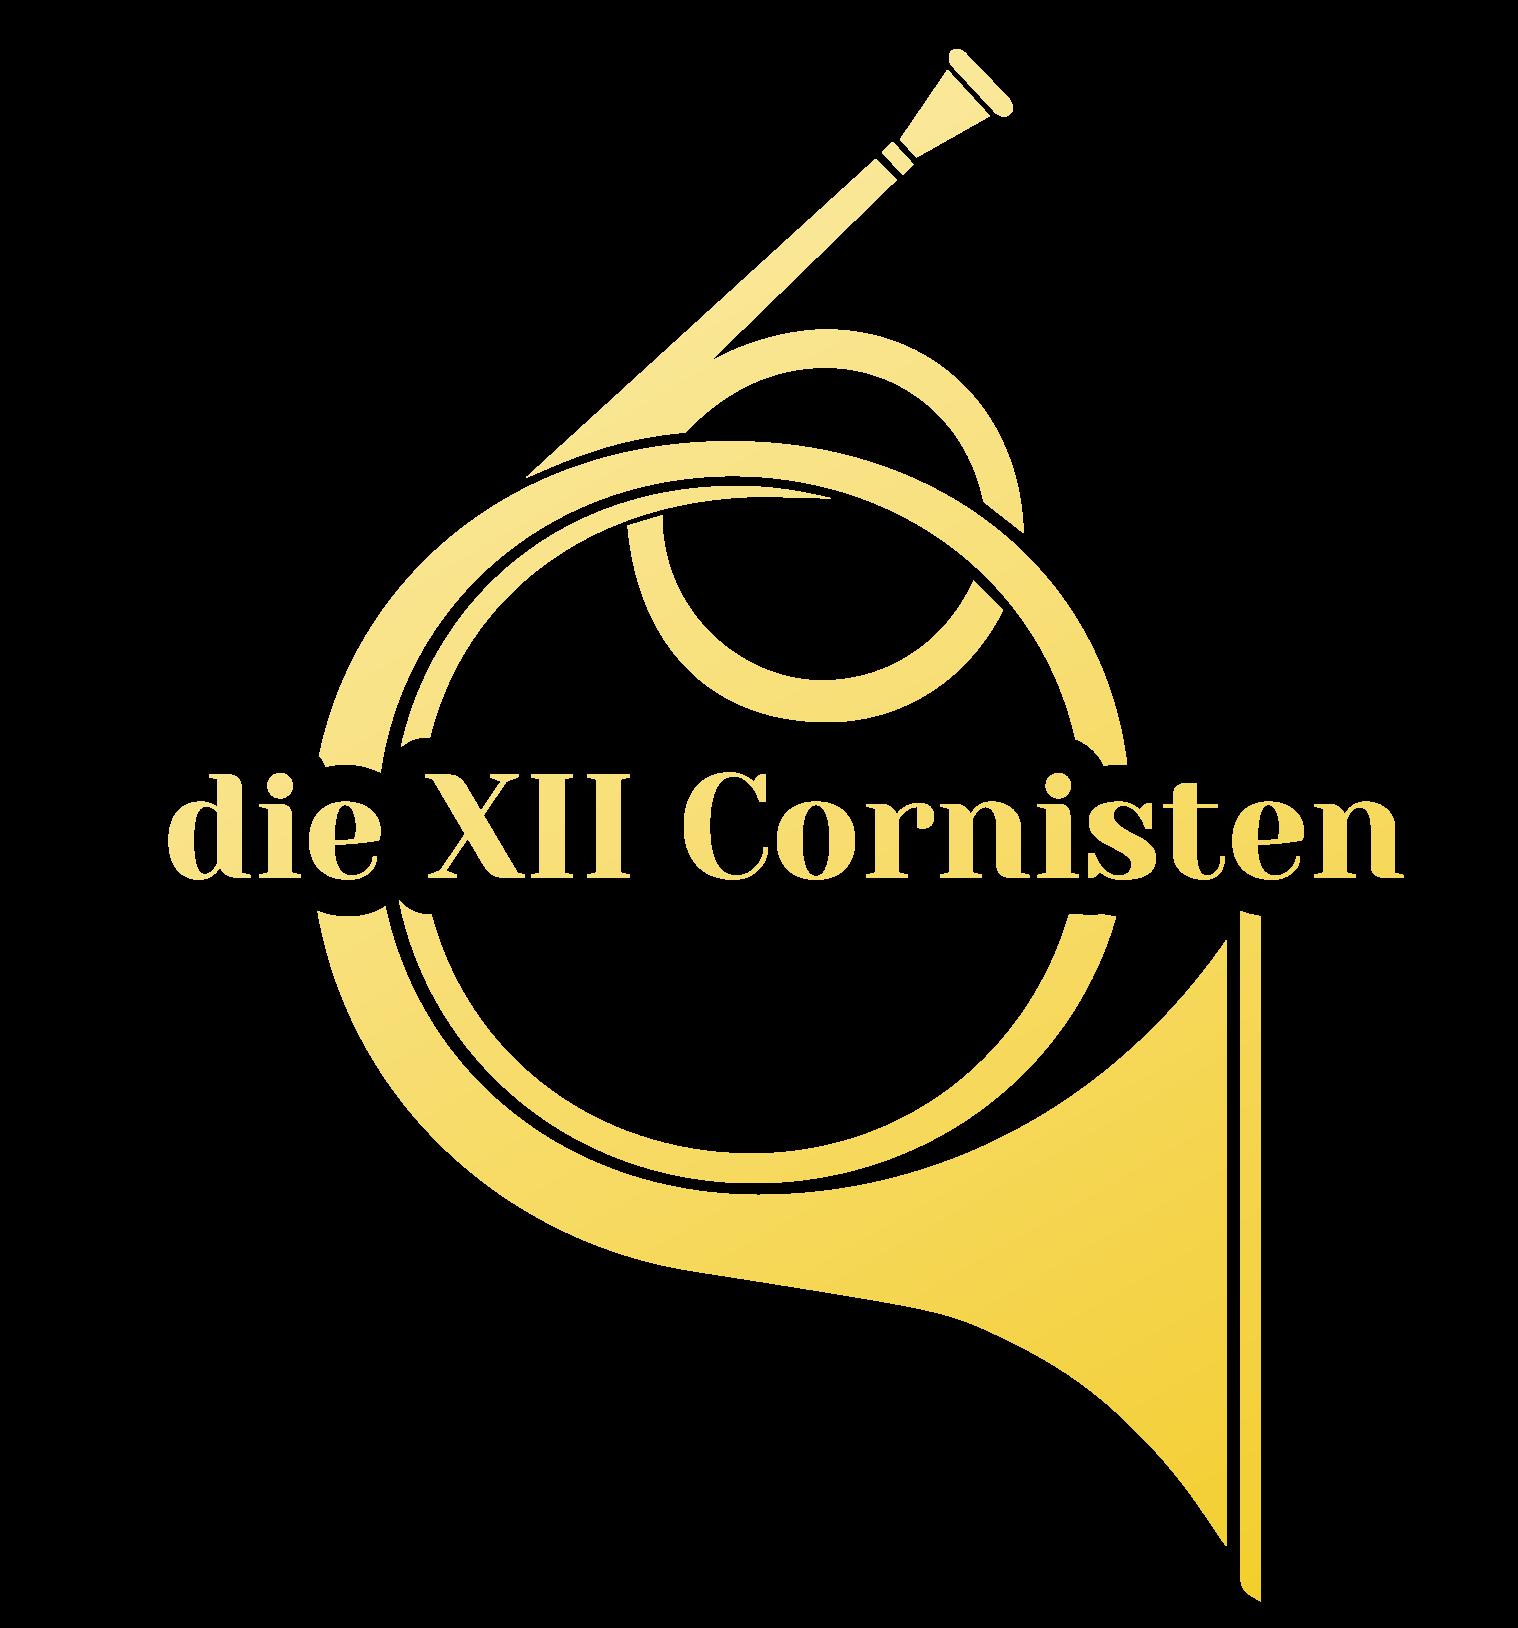 die XII Cornisten